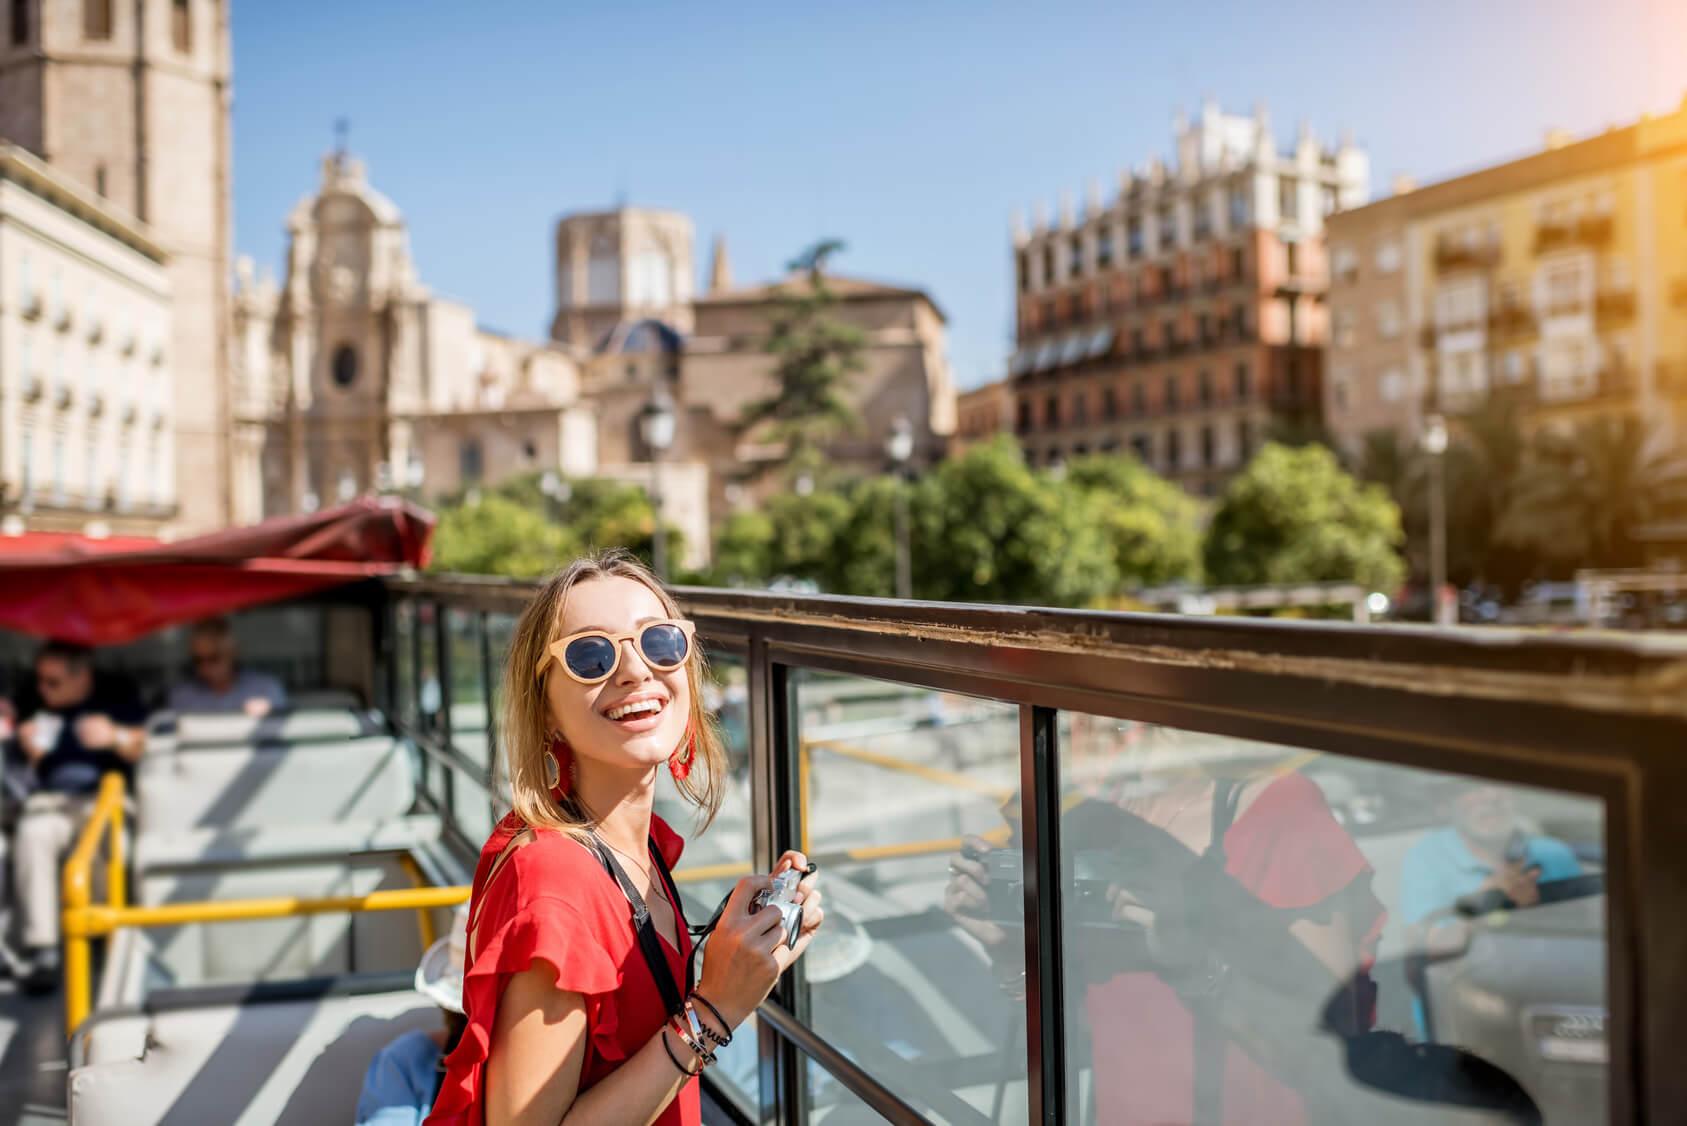 Mise à disposition d'une voiture avec chaffeur privé pour une excursion touristique ou vos virées shopping